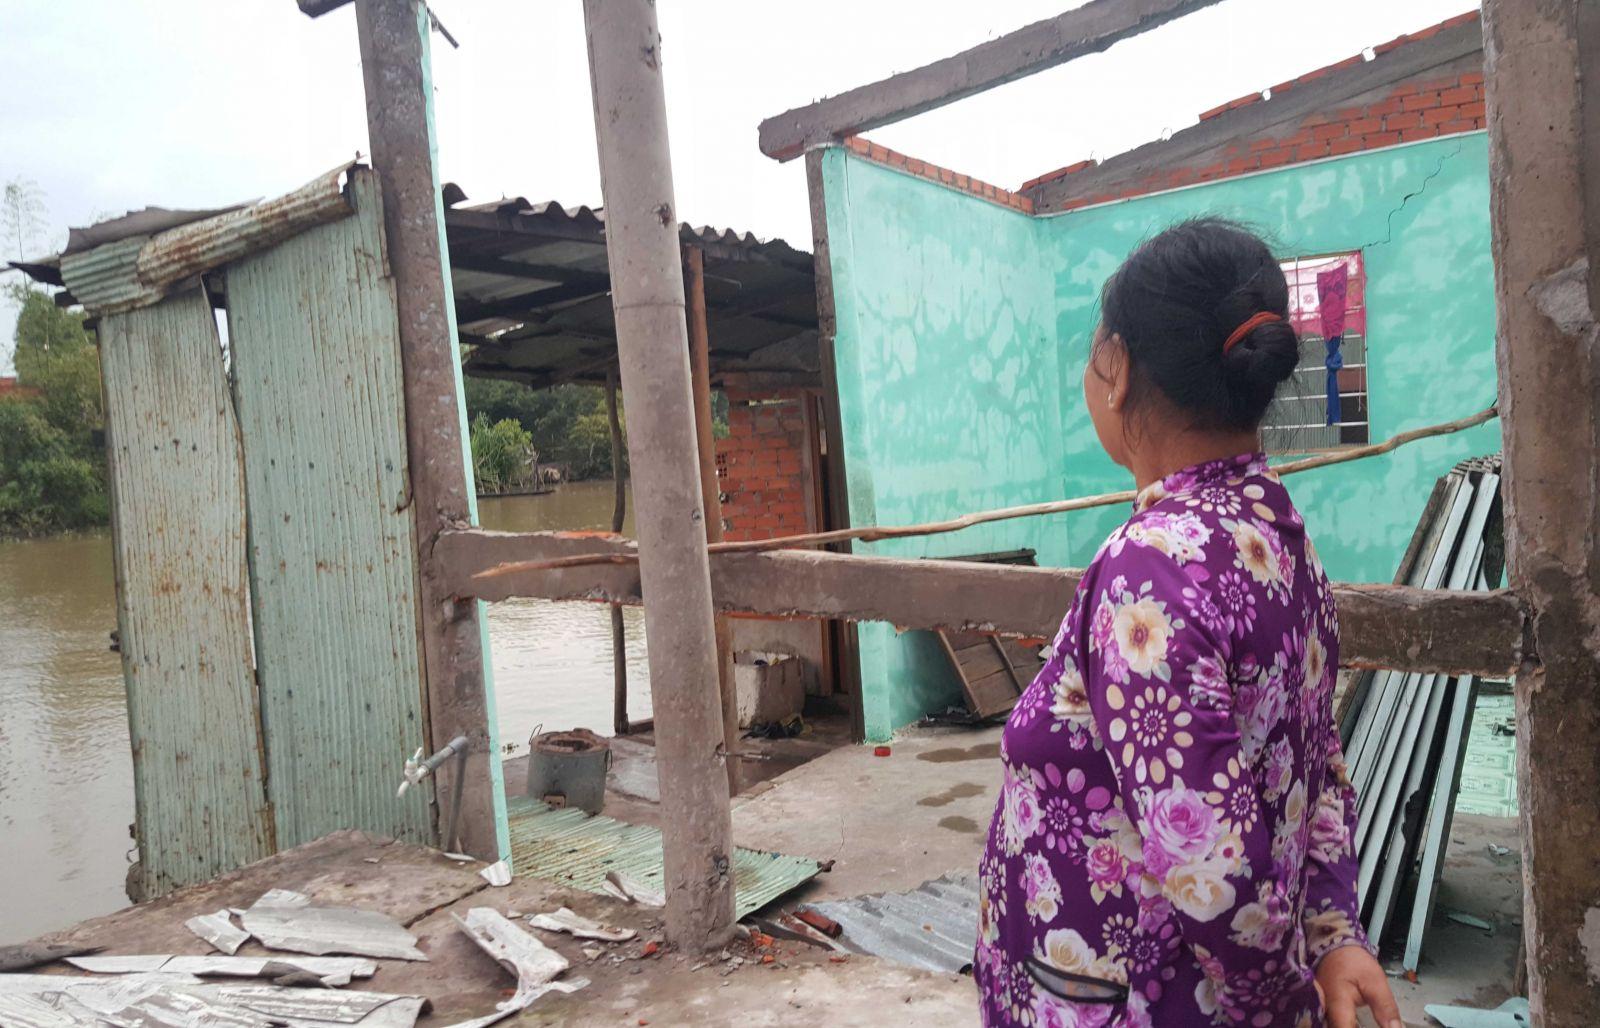 Bà Huỳnh Ngọc Lượm tiếc nuối khi toàn bộ tài sản của gia đình phút chốc tan tành do bất ngờ bị sụp lún